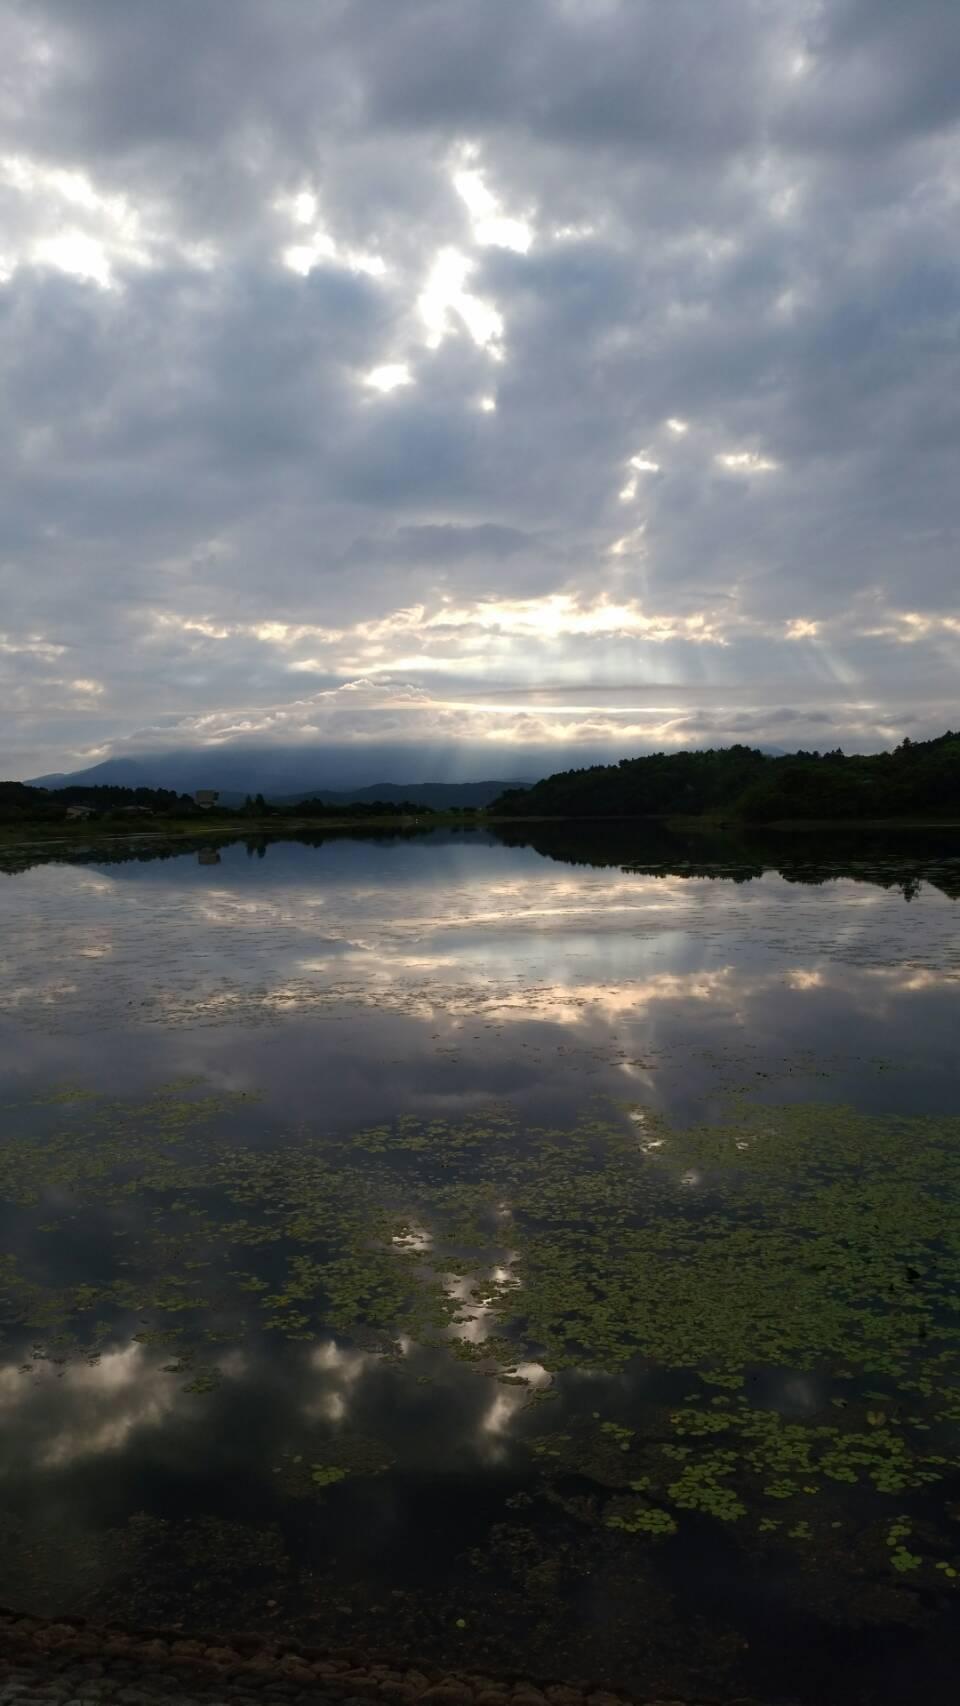 久しぶりの曇りの早朝